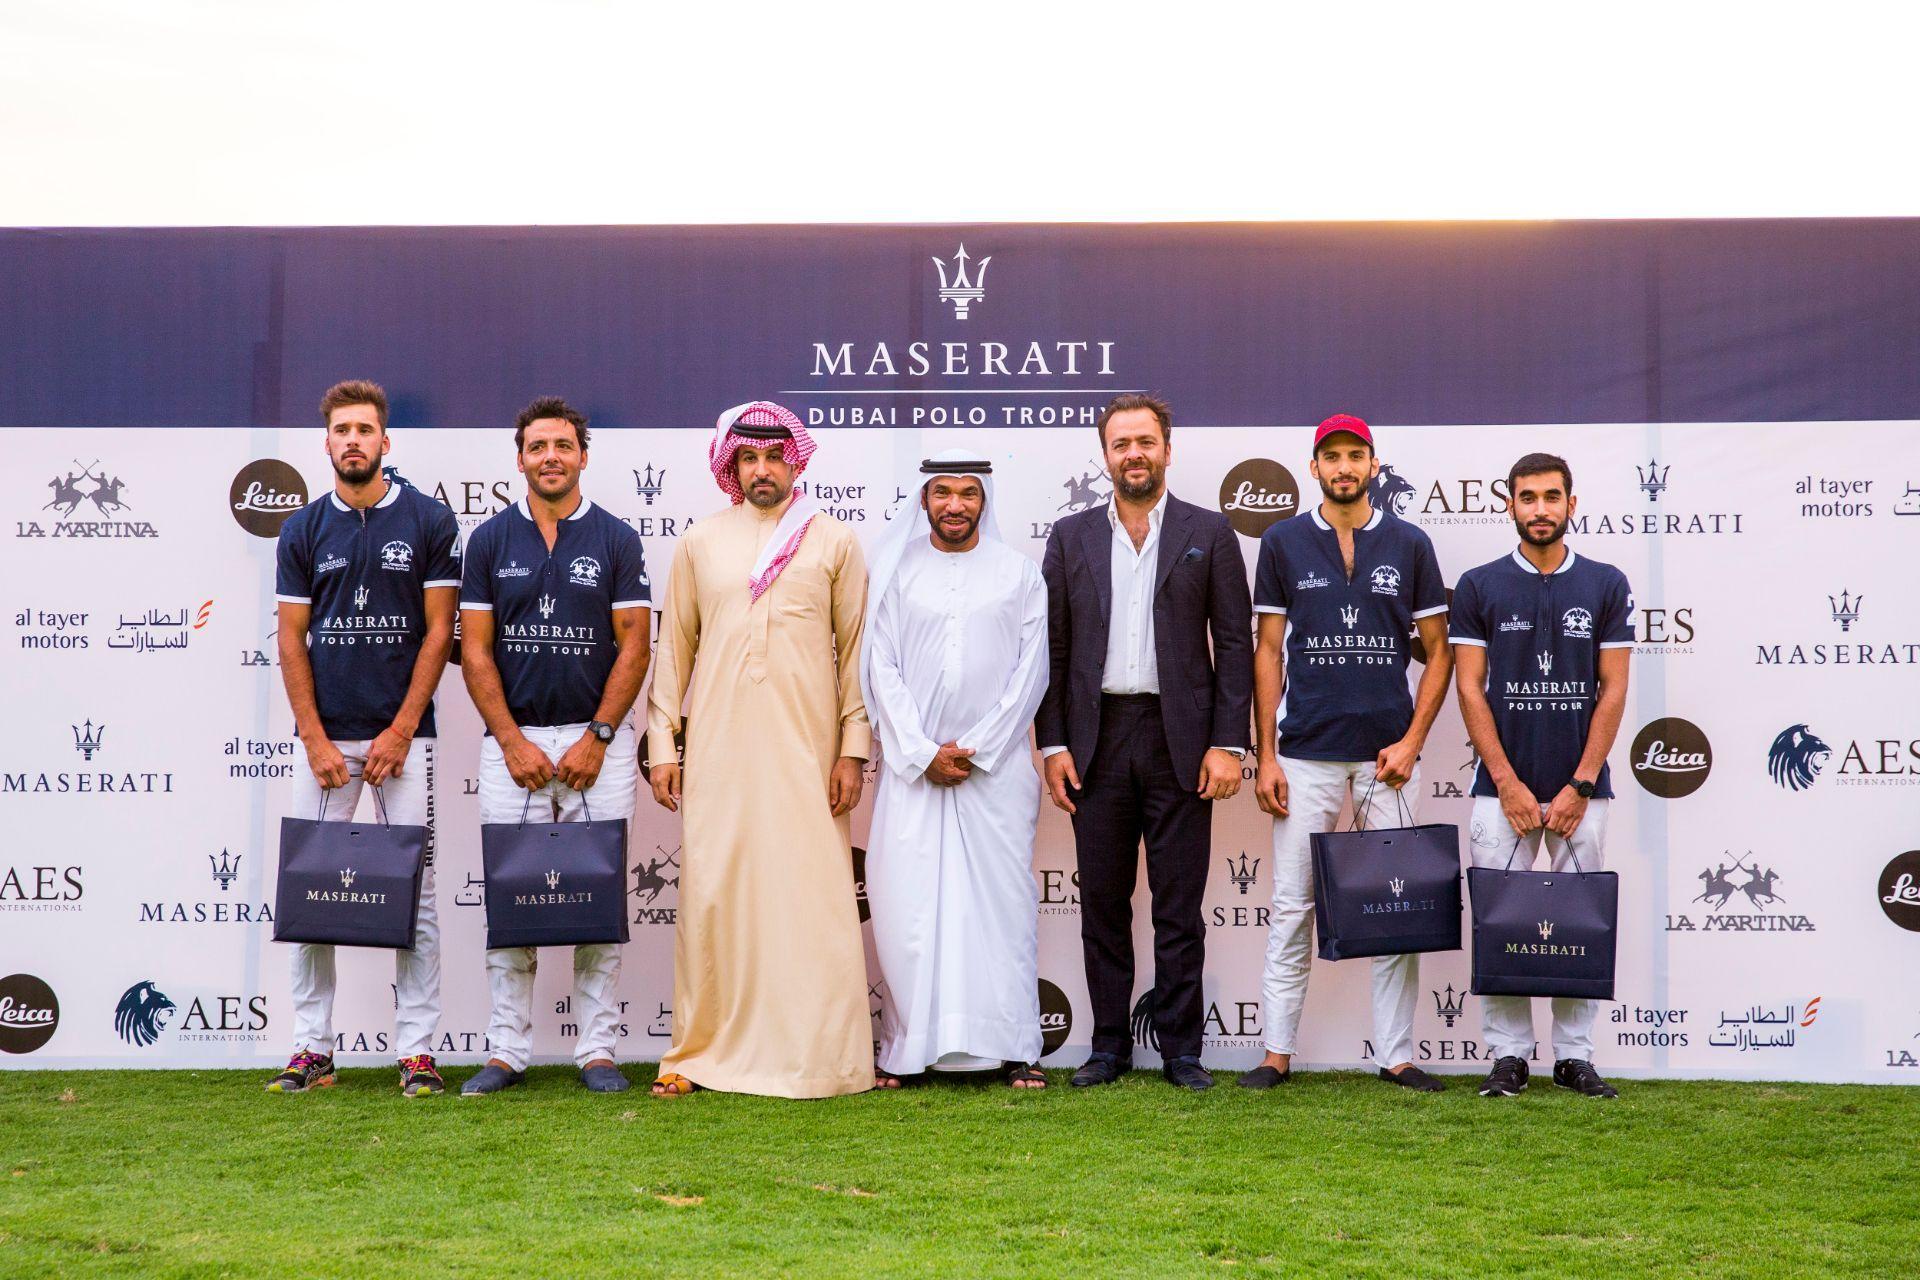 Maserati Polo Tour 2017, en colaboración con La Martina